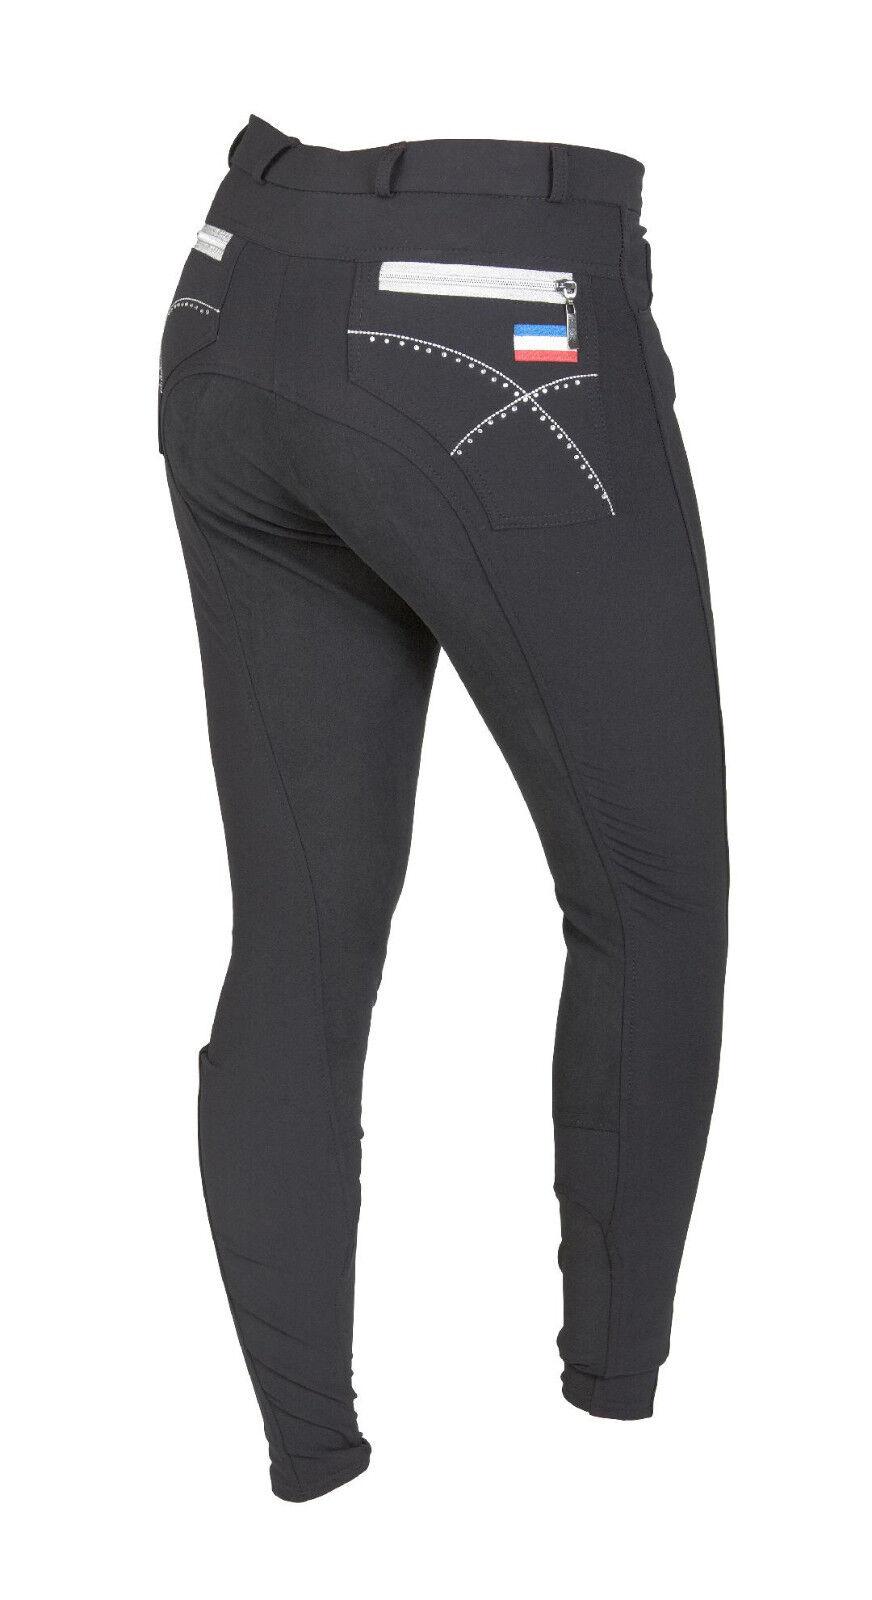 Montar donna Pantaloni Montala con guarnizione in pieno, nero, tg. 40, art.2029-4 con strass